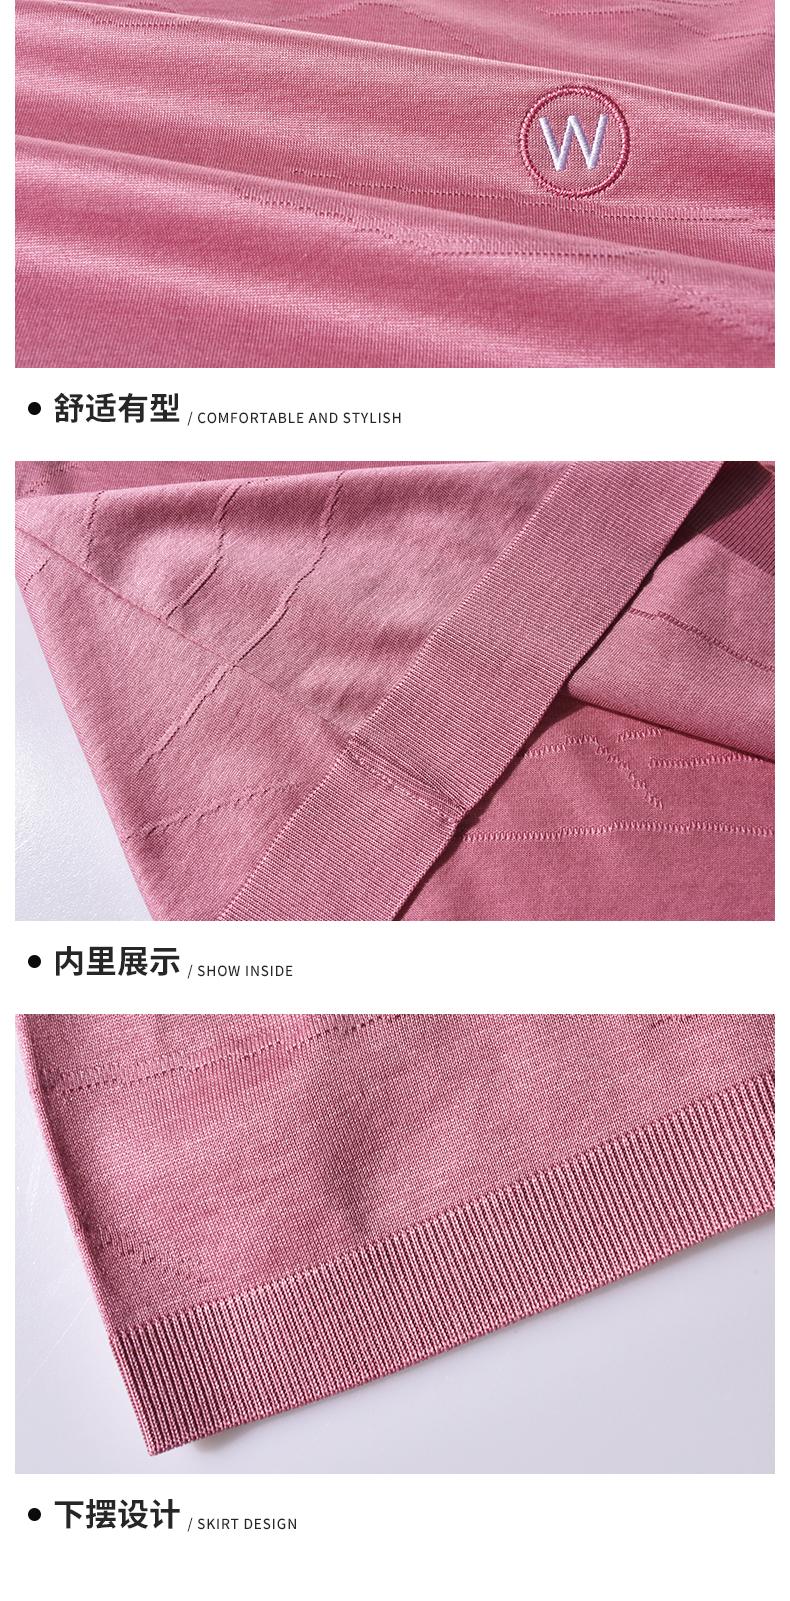 男衬衫详情_05.jpg